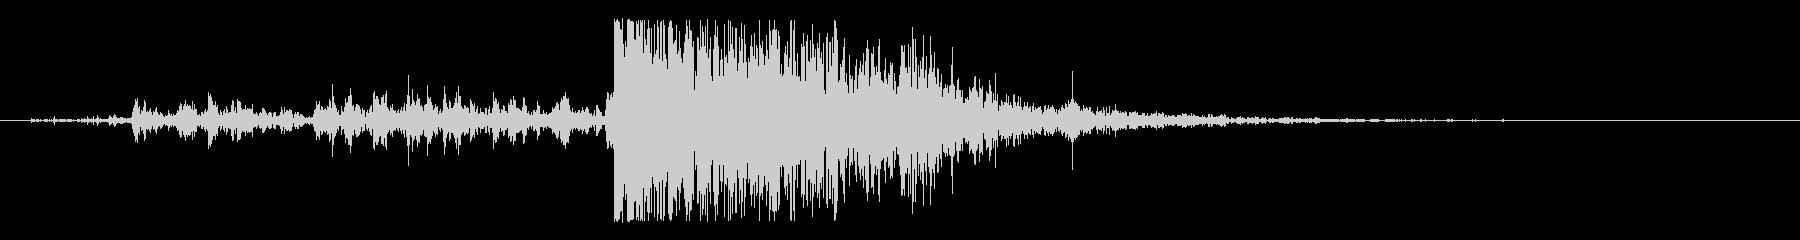 木 ミディアムクラッシュ04の未再生の波形